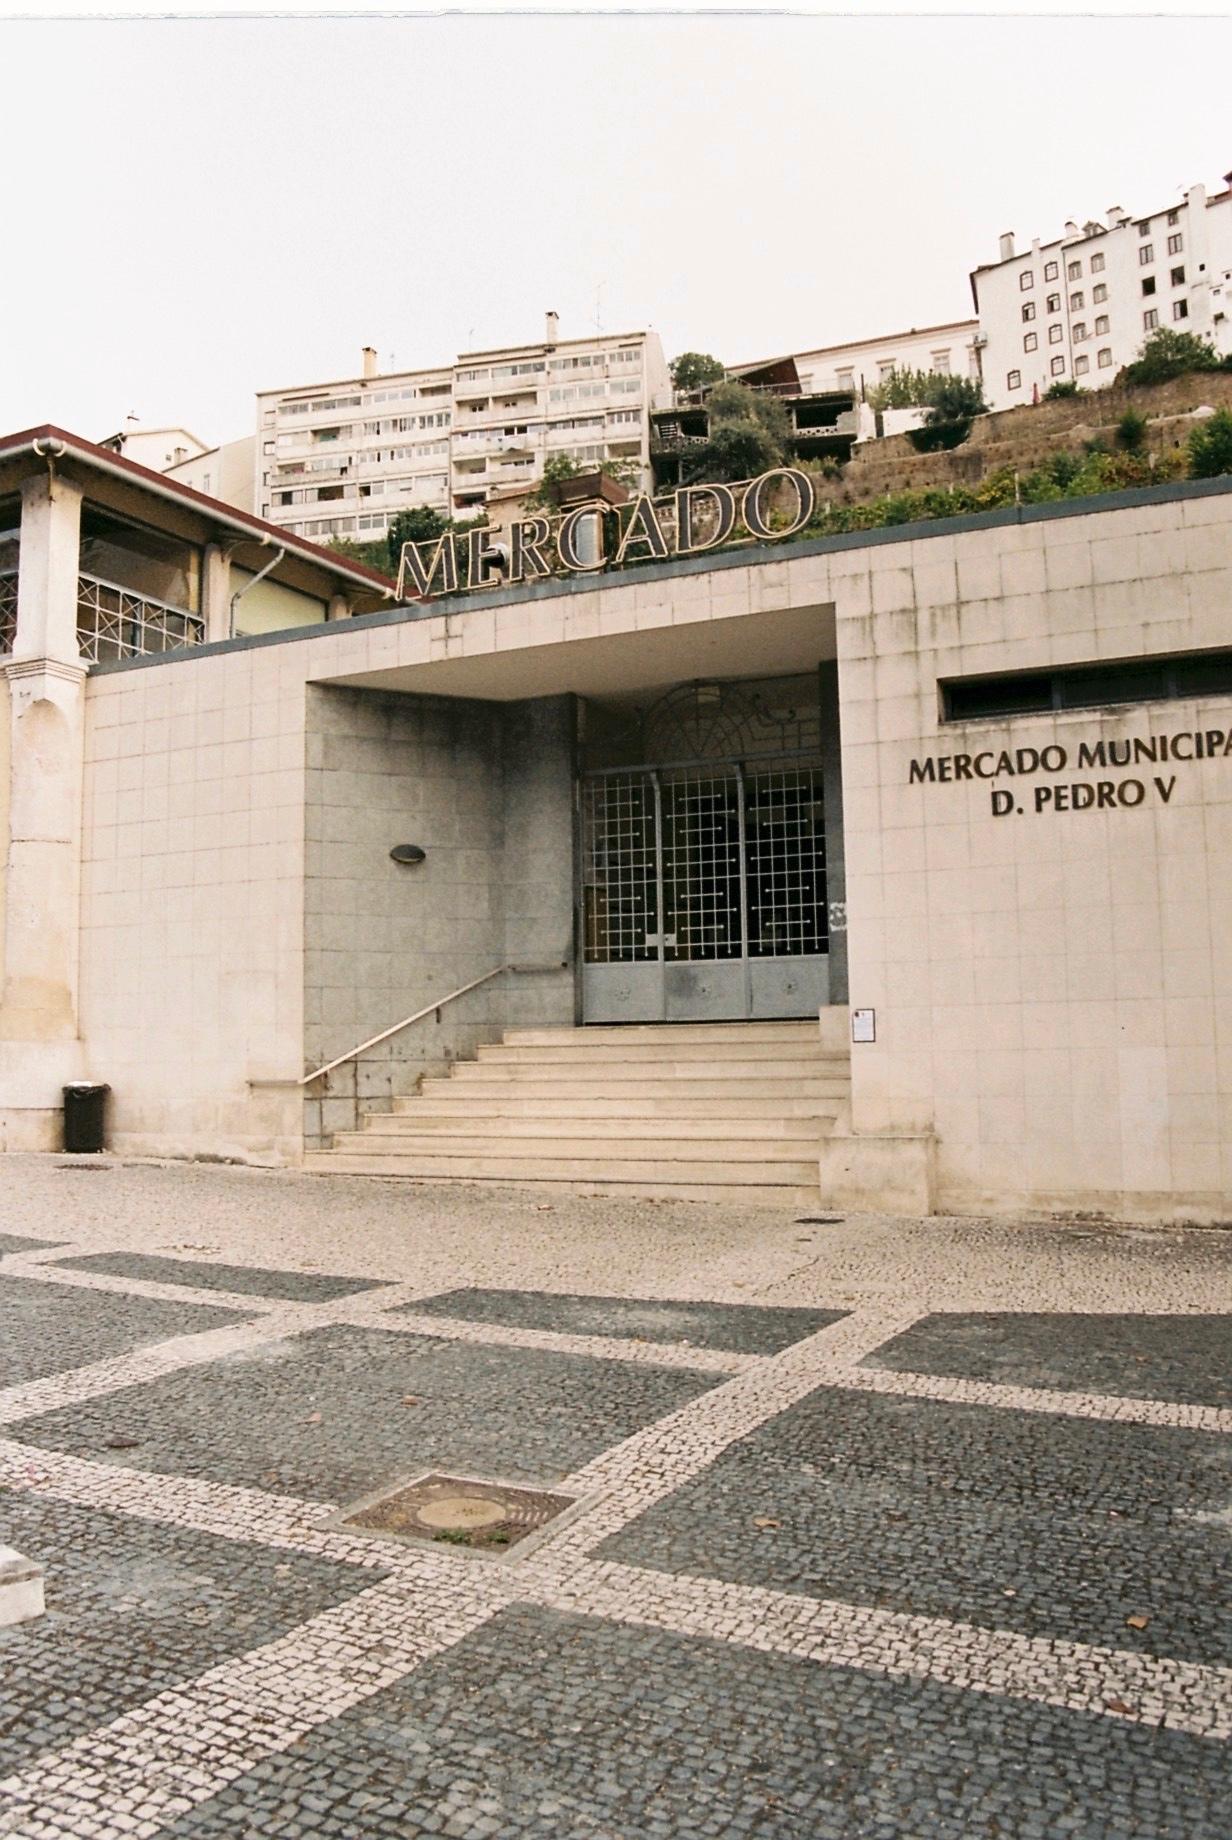 Coimbra 08-2019 - 35 of 62